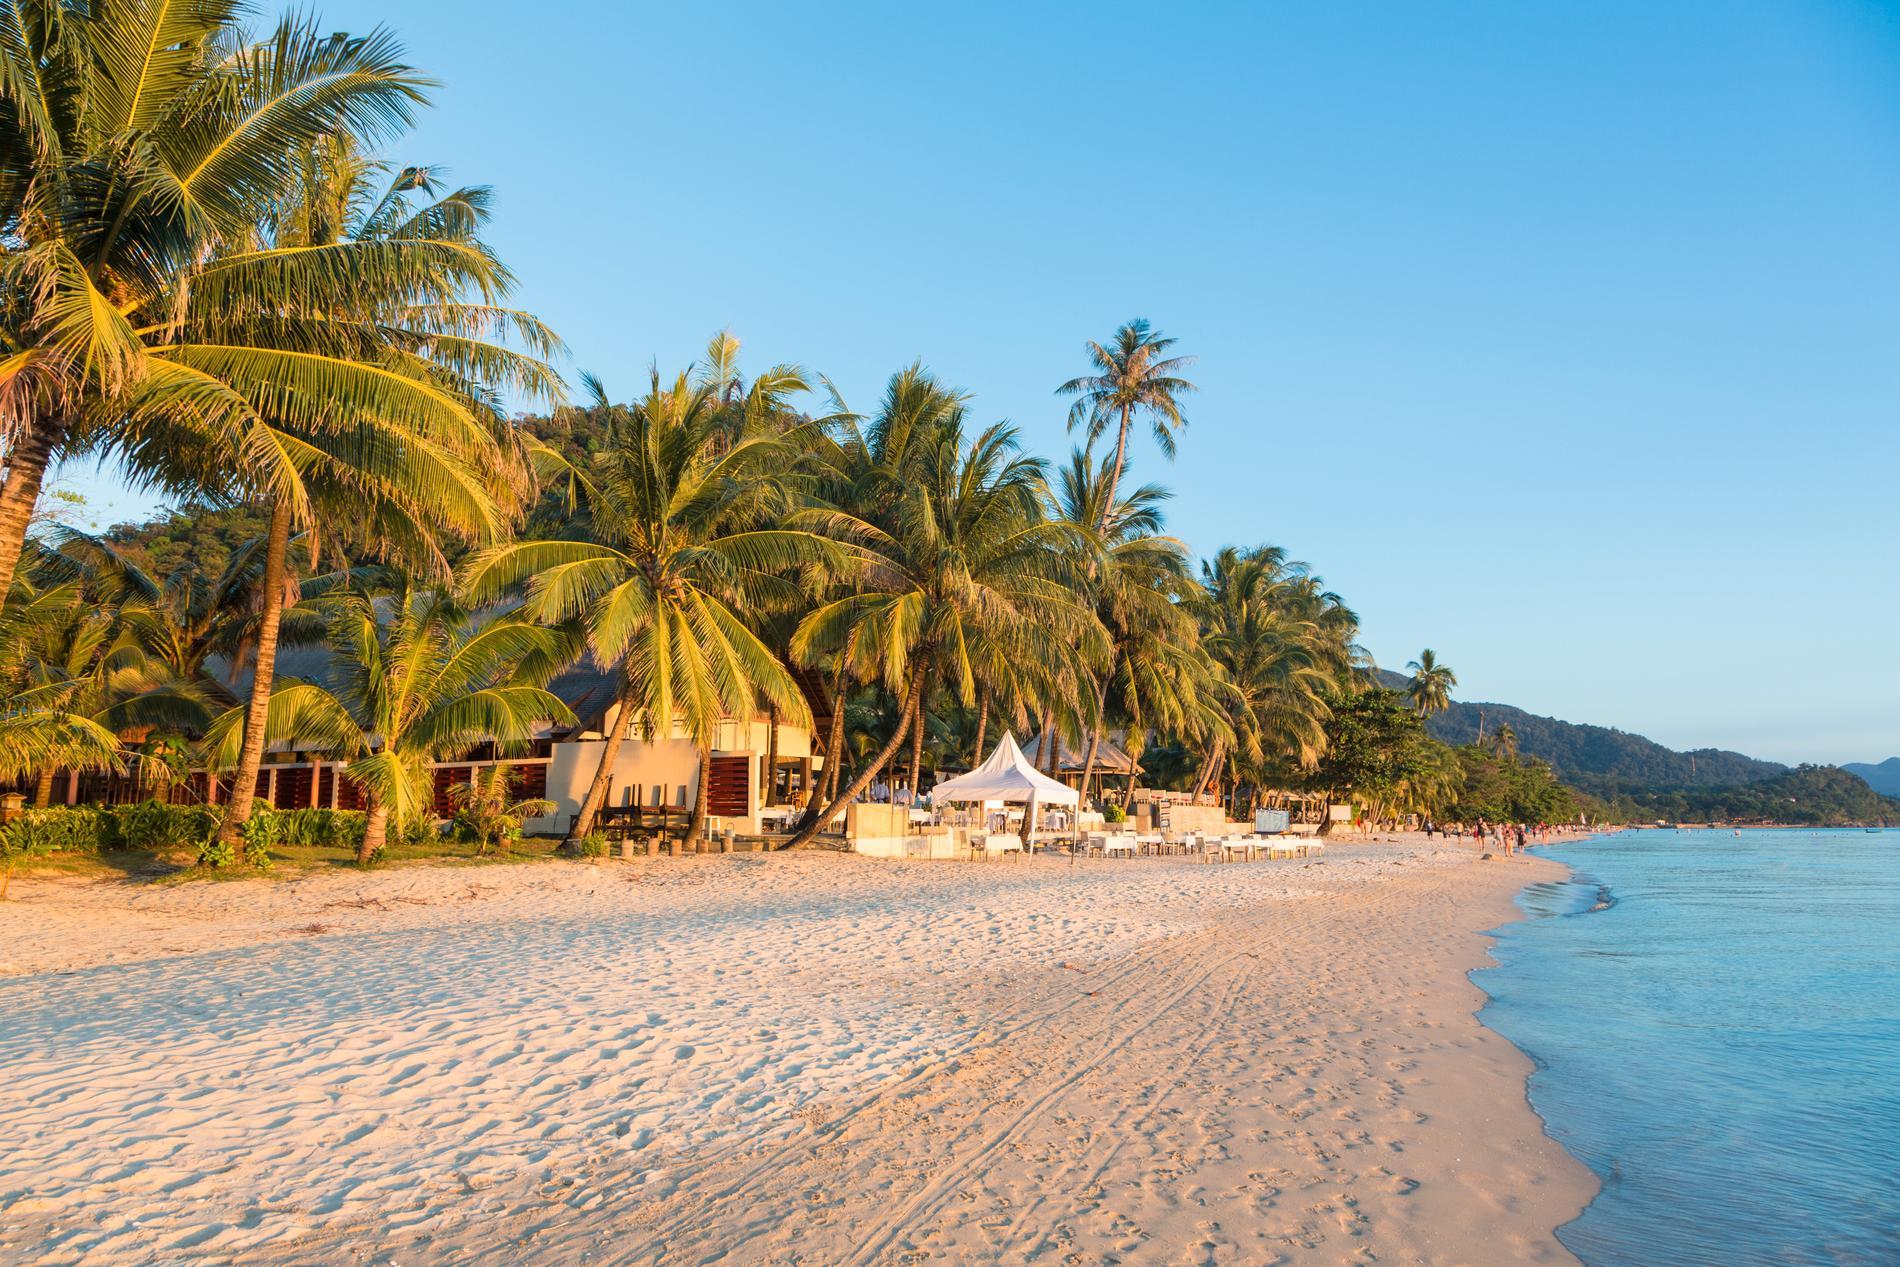 White sand beachsom är den första största stora stranden du kommer till när man åker från färjeläget.